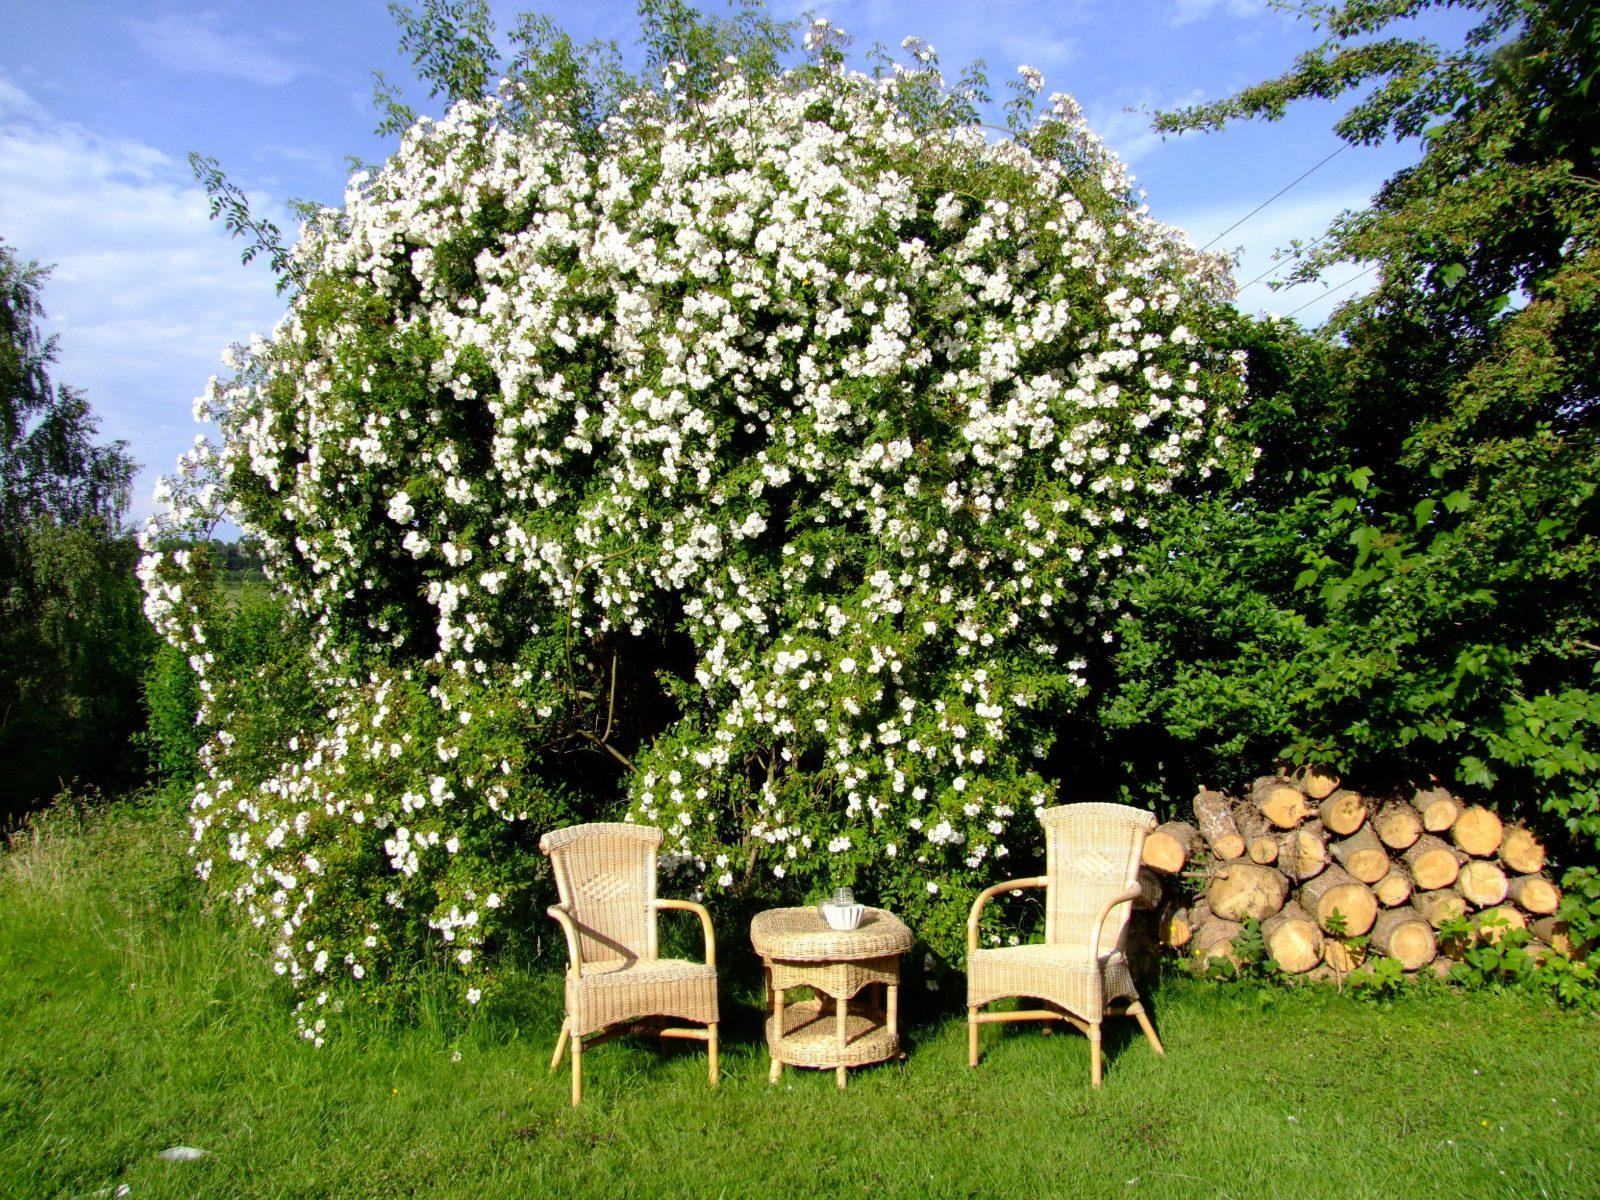 Garten Sitzecke Gestalten Ideen Für Kleine & Große Gärten von Sitzecke Im Garten Anlegen Photo